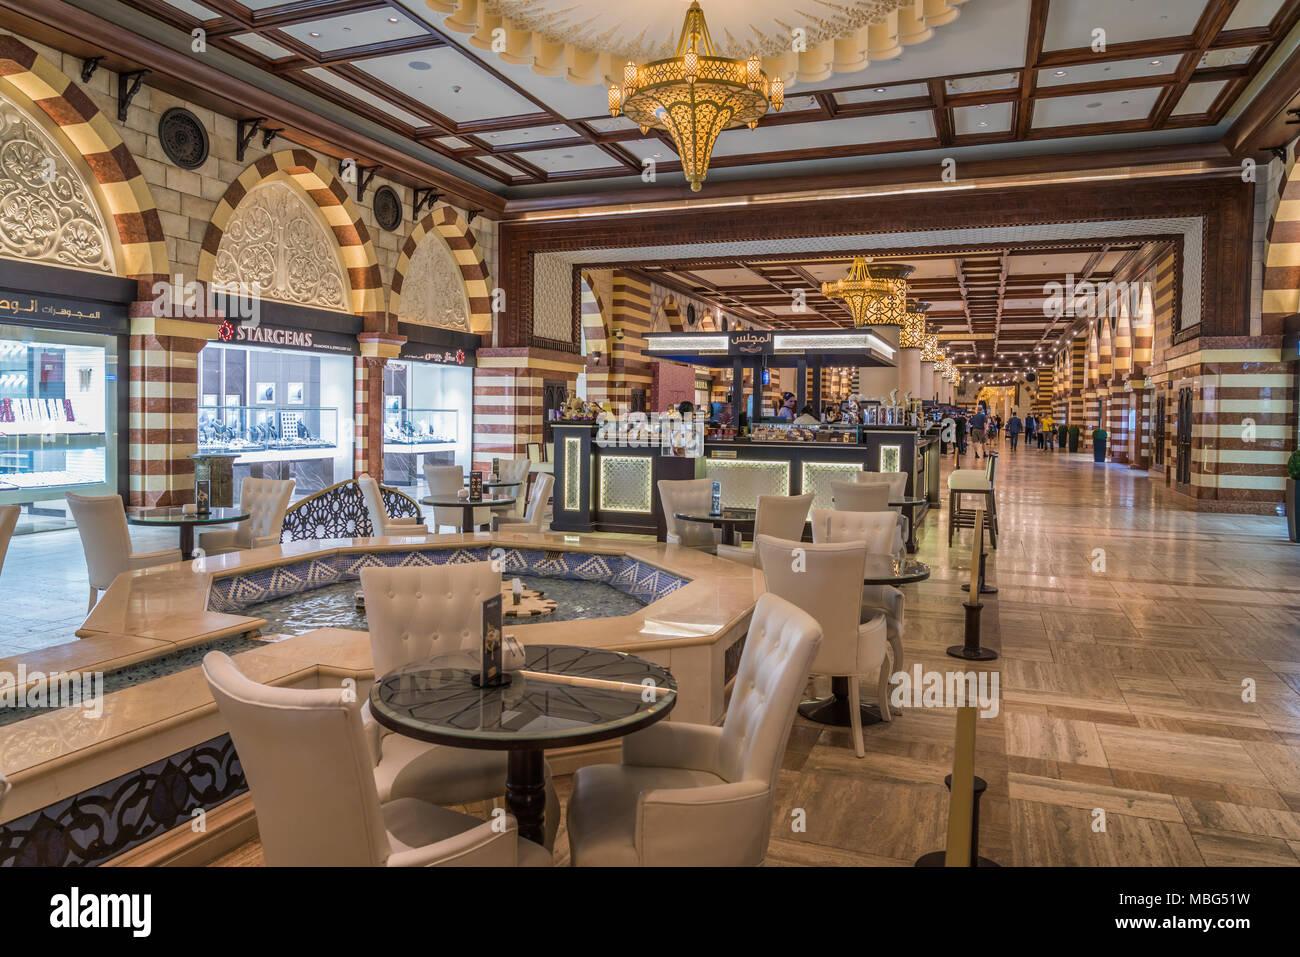 Decor of the Souq market in the Dubai Mall in downtown Dubai